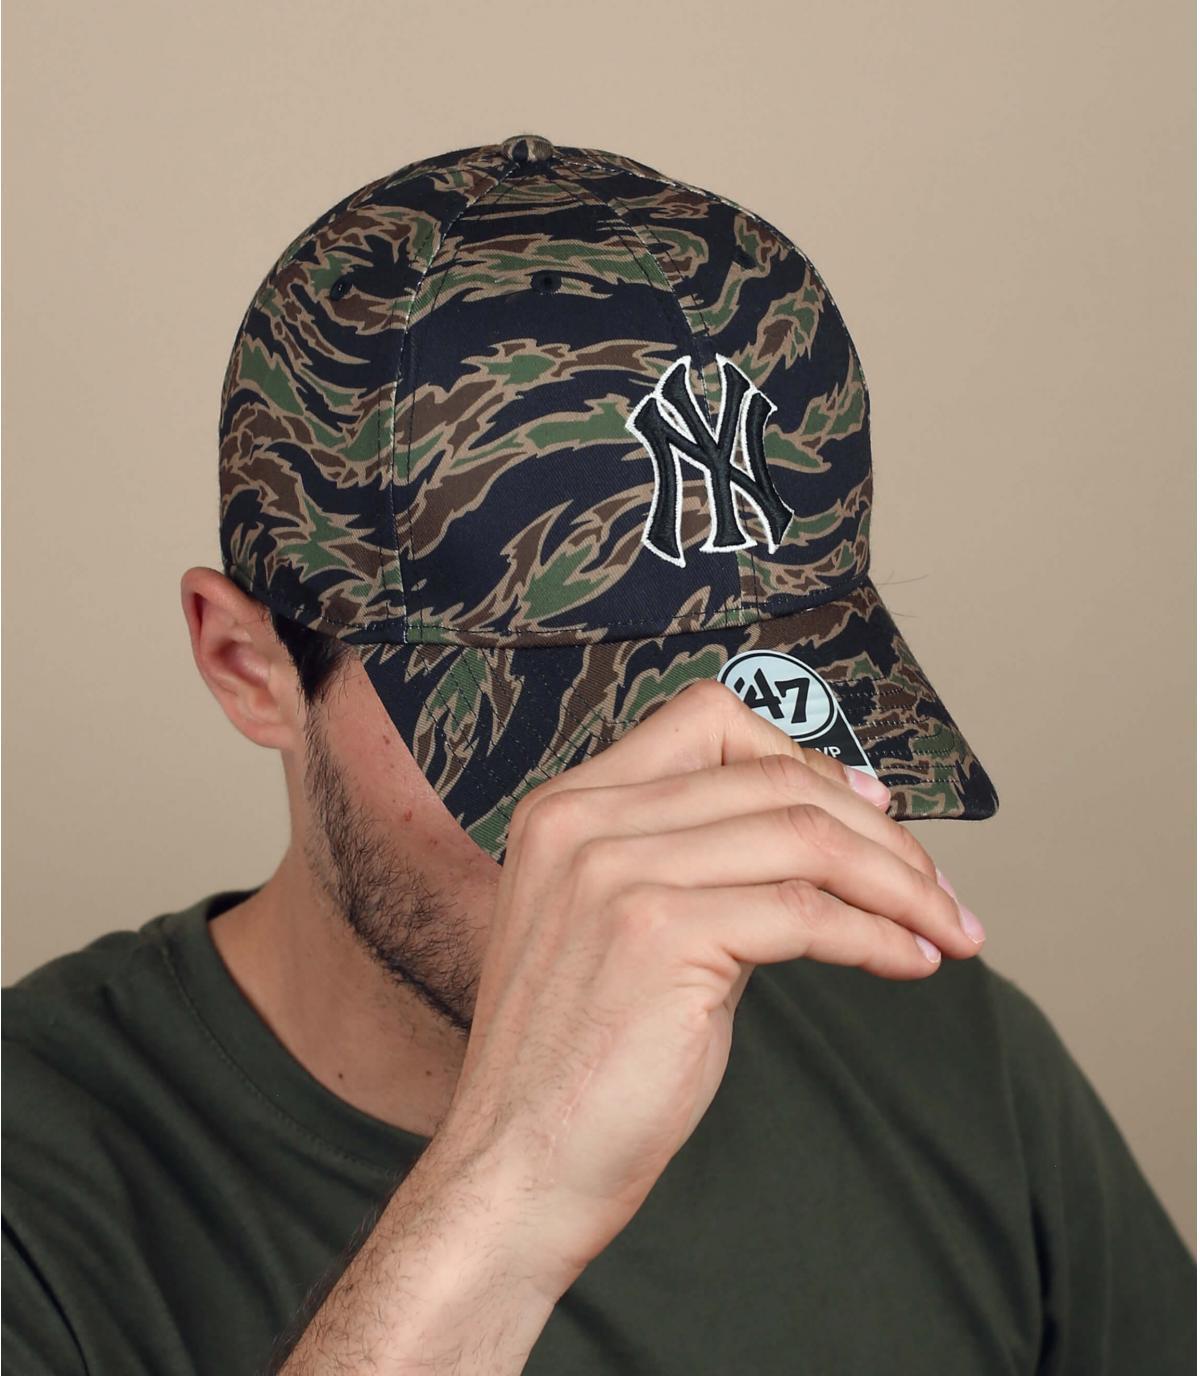 NY camouflage cap